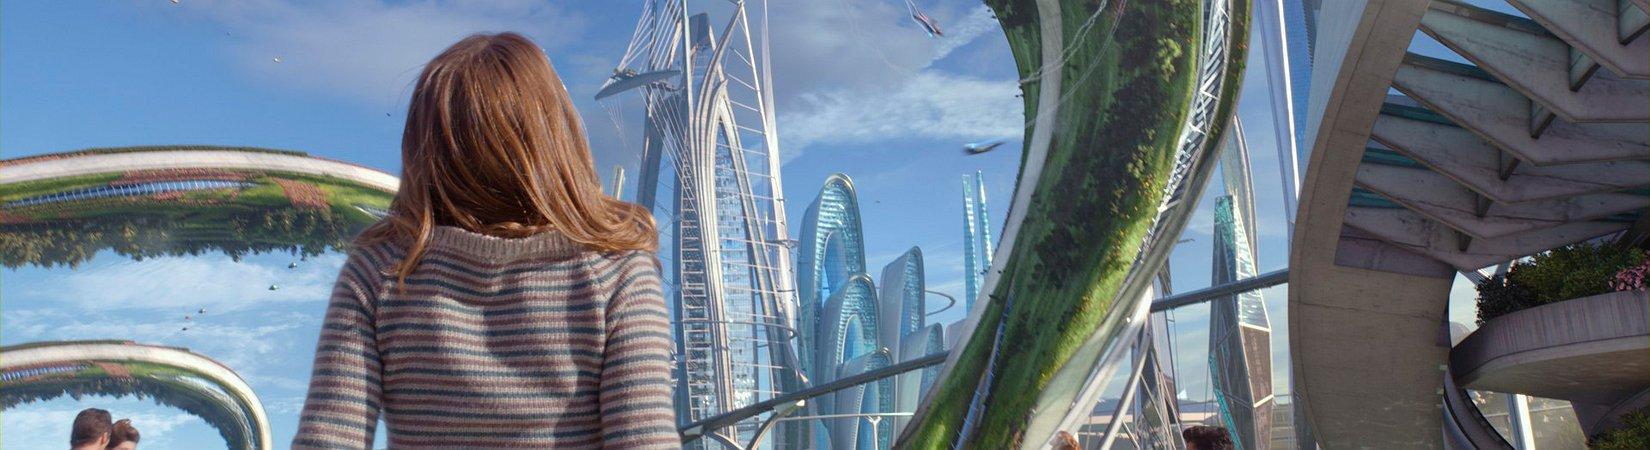 أهلا بك في عام 2030: لا ملكية، لا خصوصية